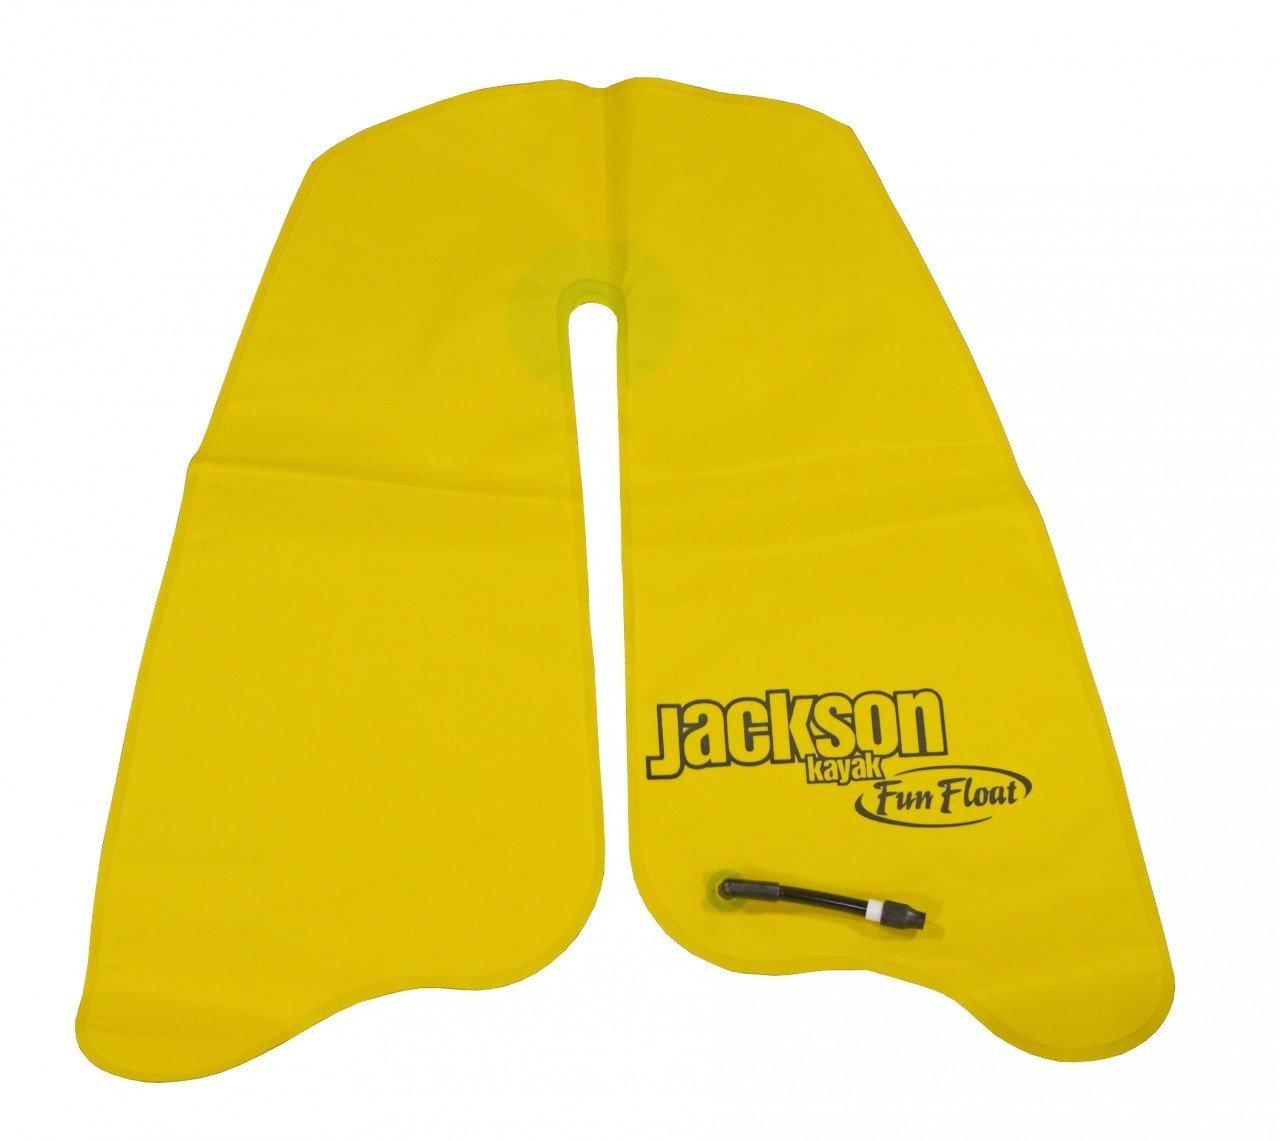 Jackson Kayak Fun Float